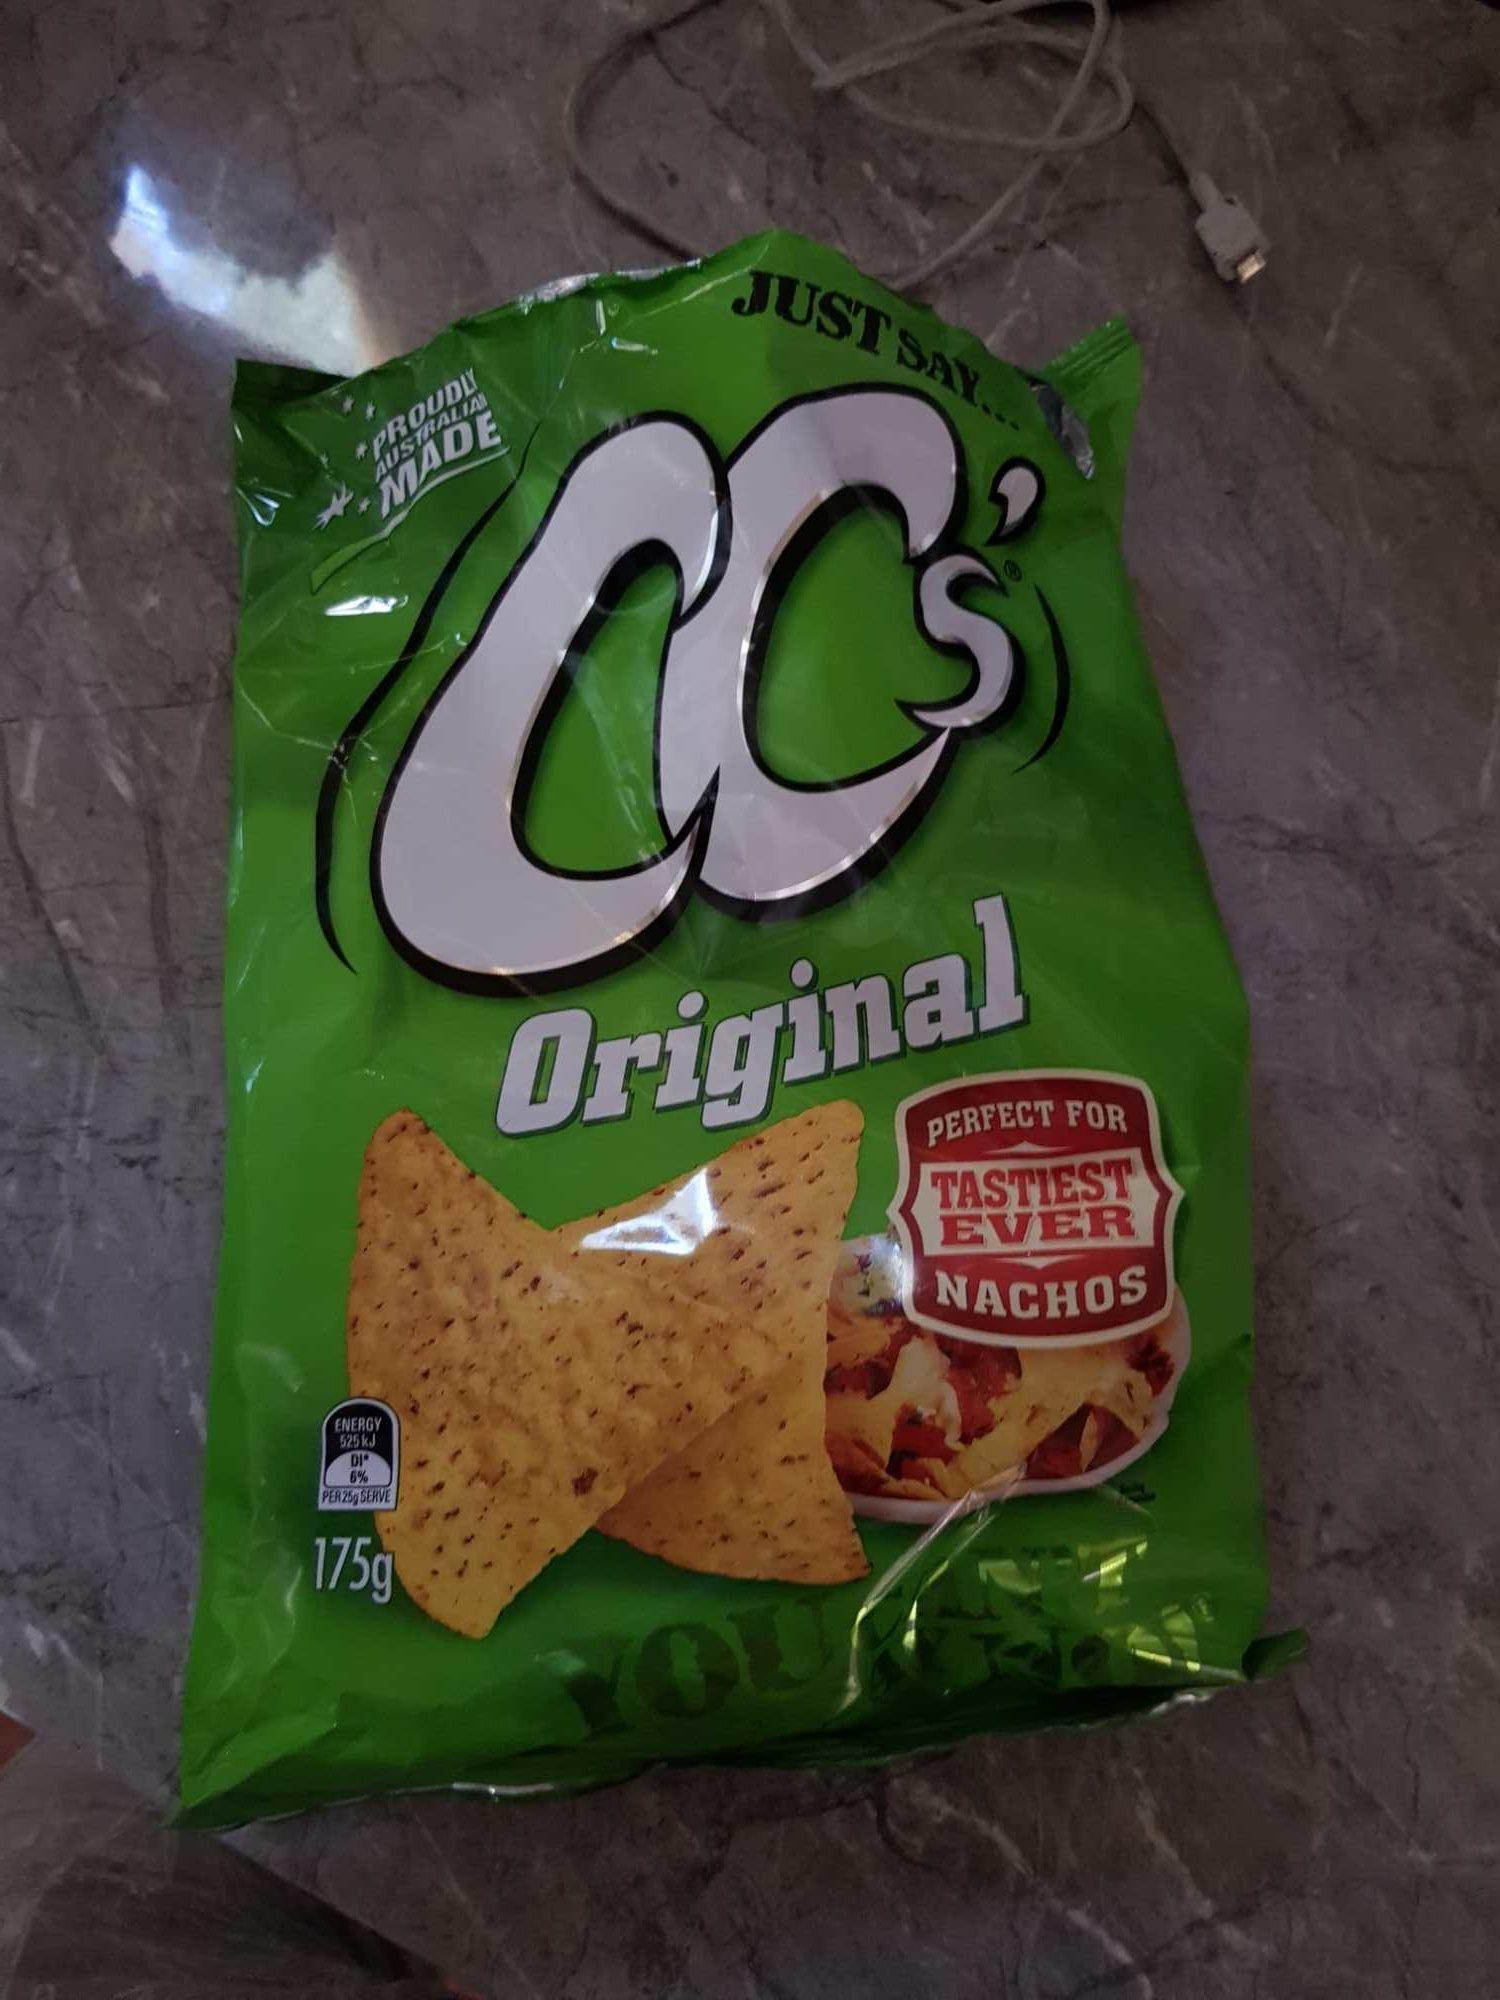 Cc's original - Product